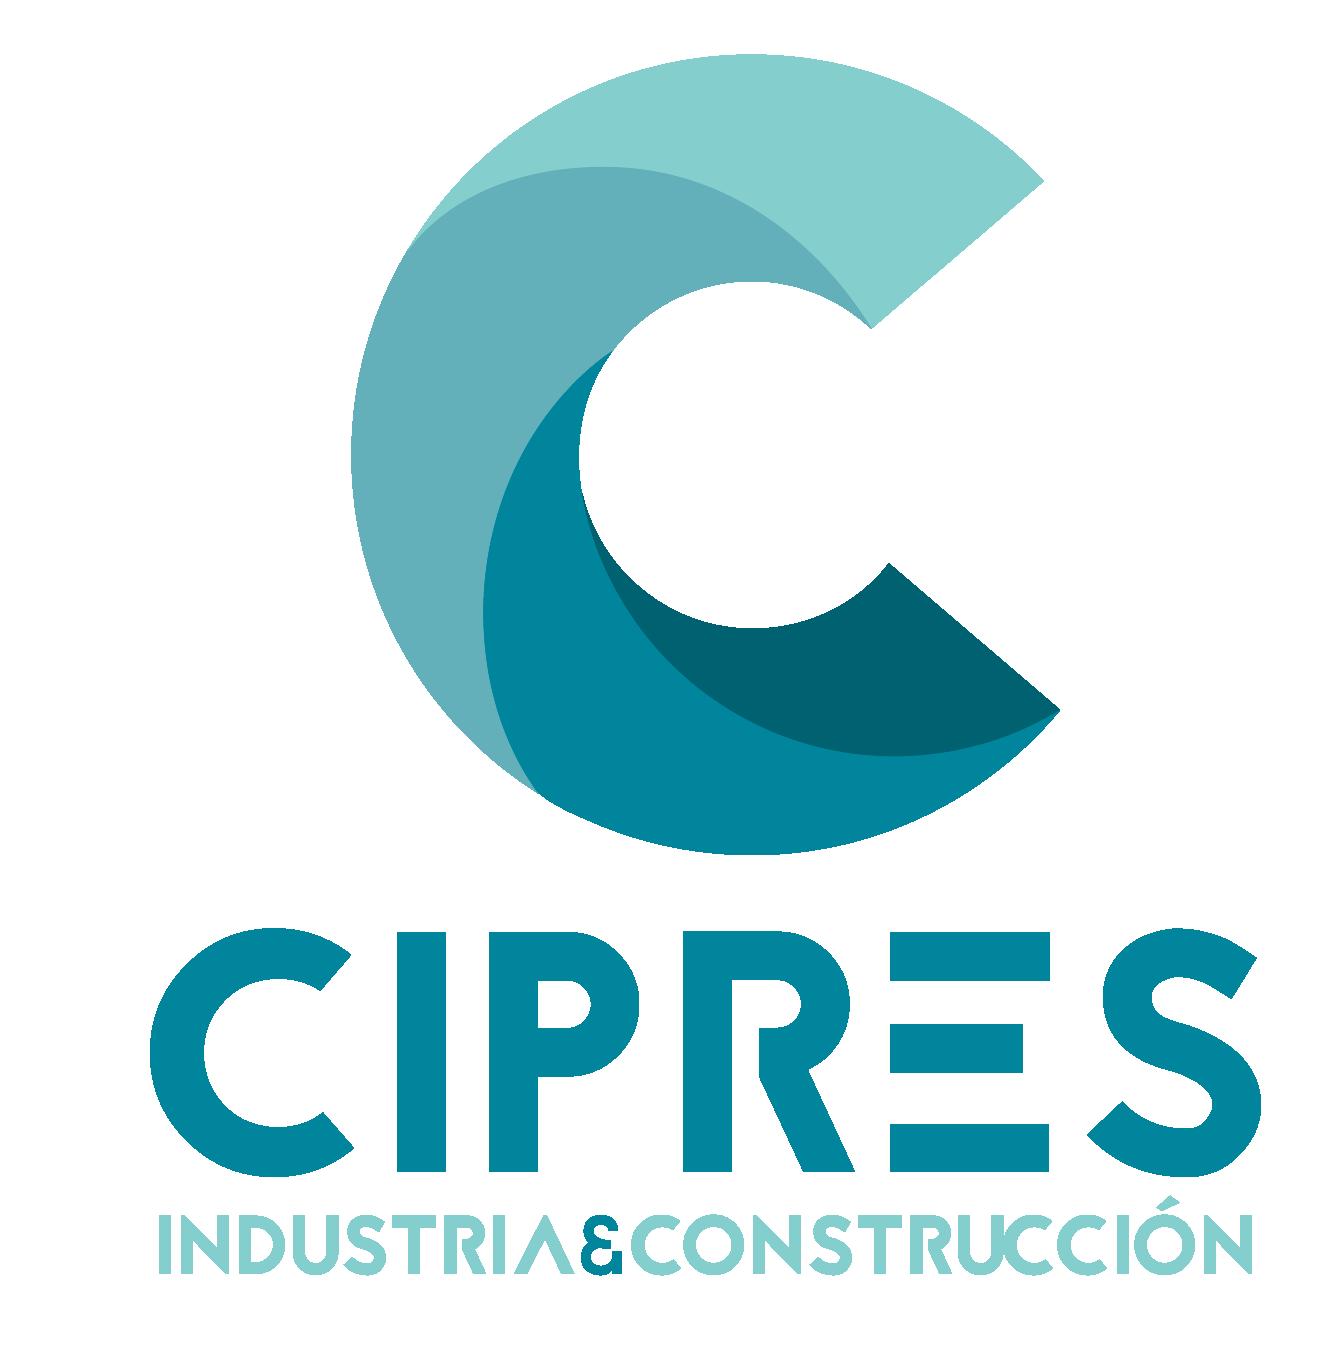 Cipres Industrial